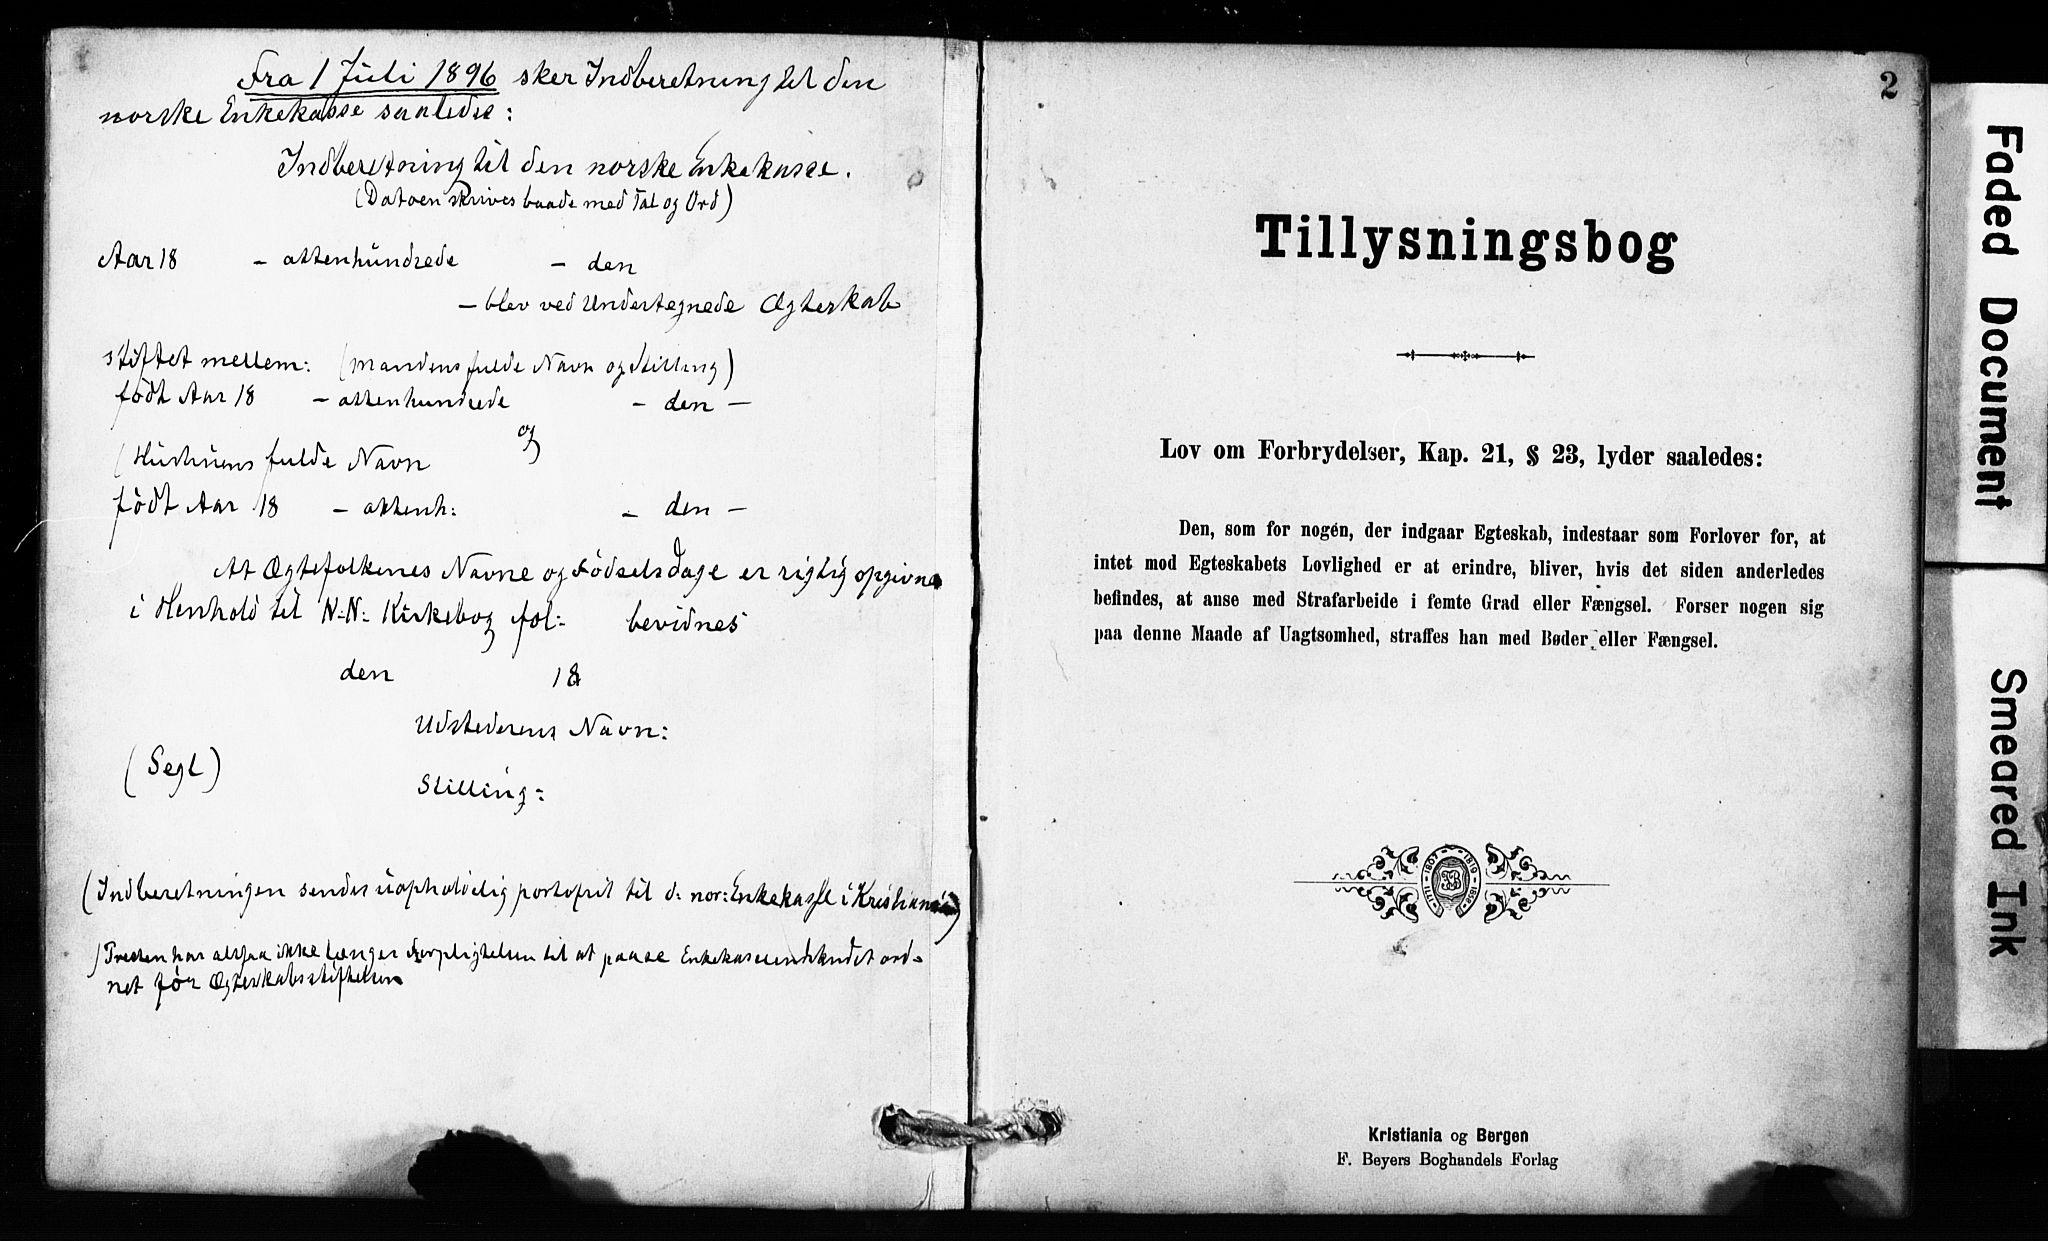 SAB, Domkirken Sokneprestembete, Forlovererklæringer nr. II.5.10, 1890-1899, s. 2